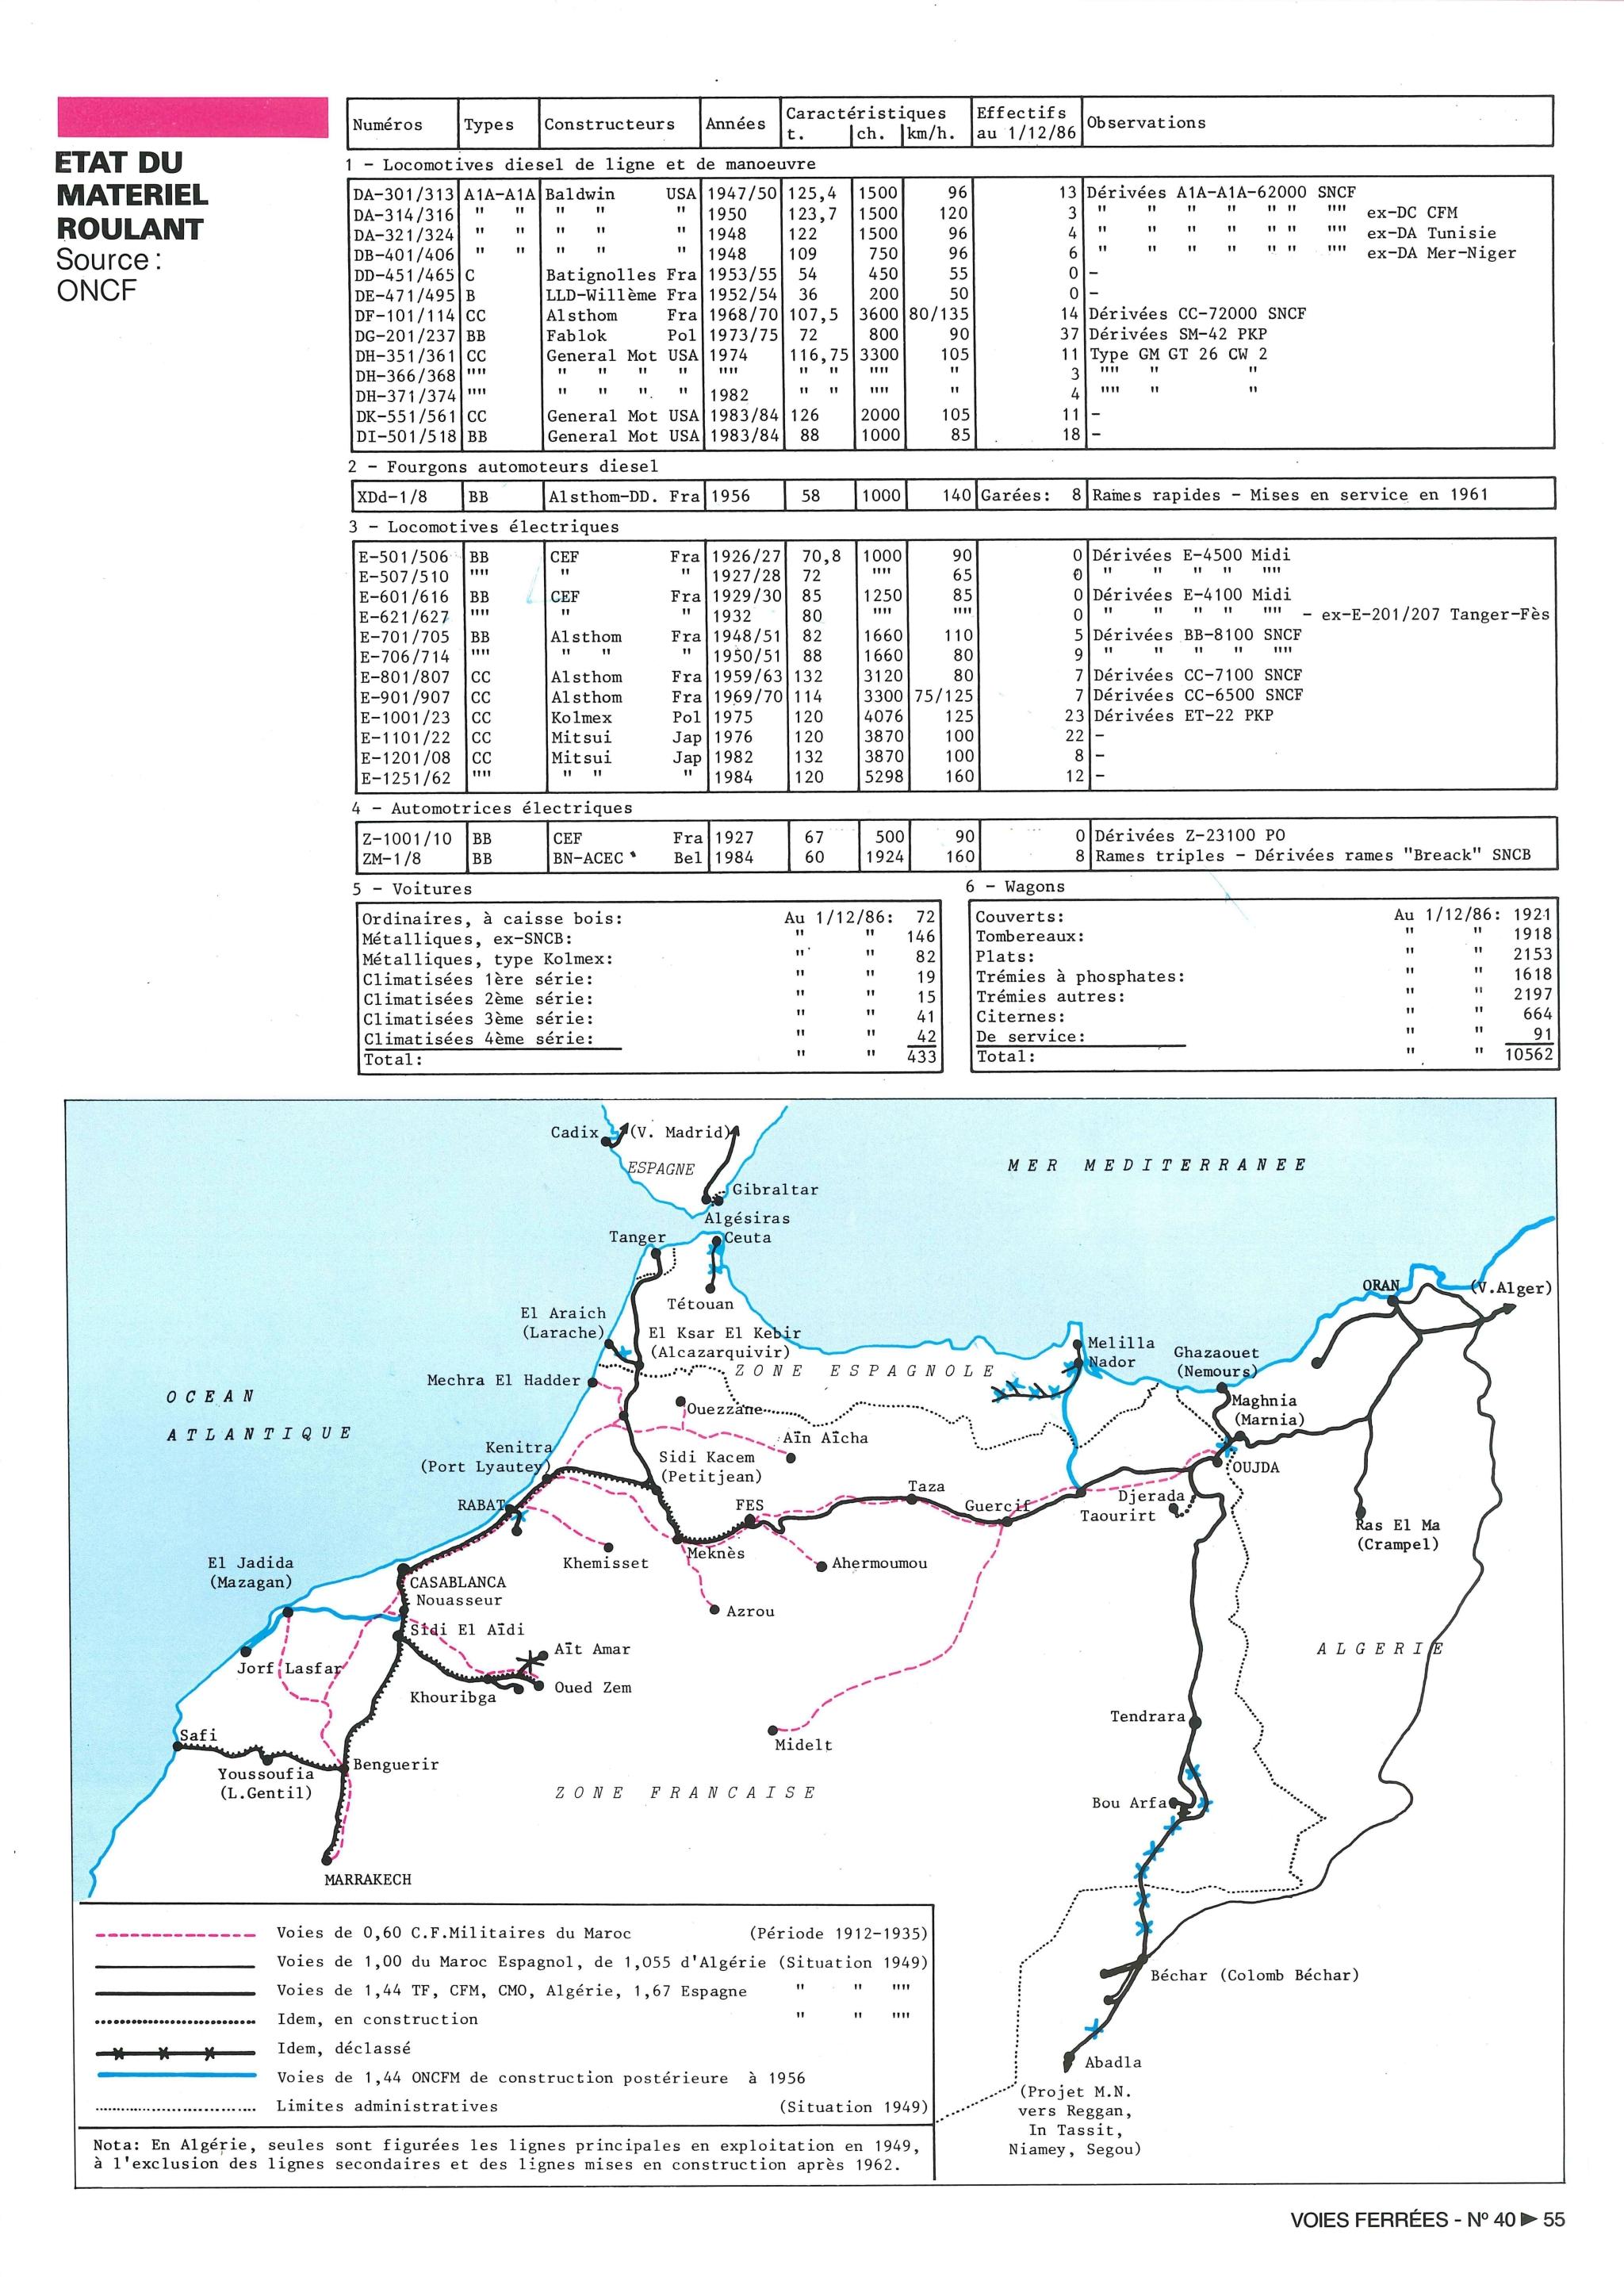 Chemins de Fer au Maroc - ONCF  - Page 4 49609239123_32b04a1ef2_o_d